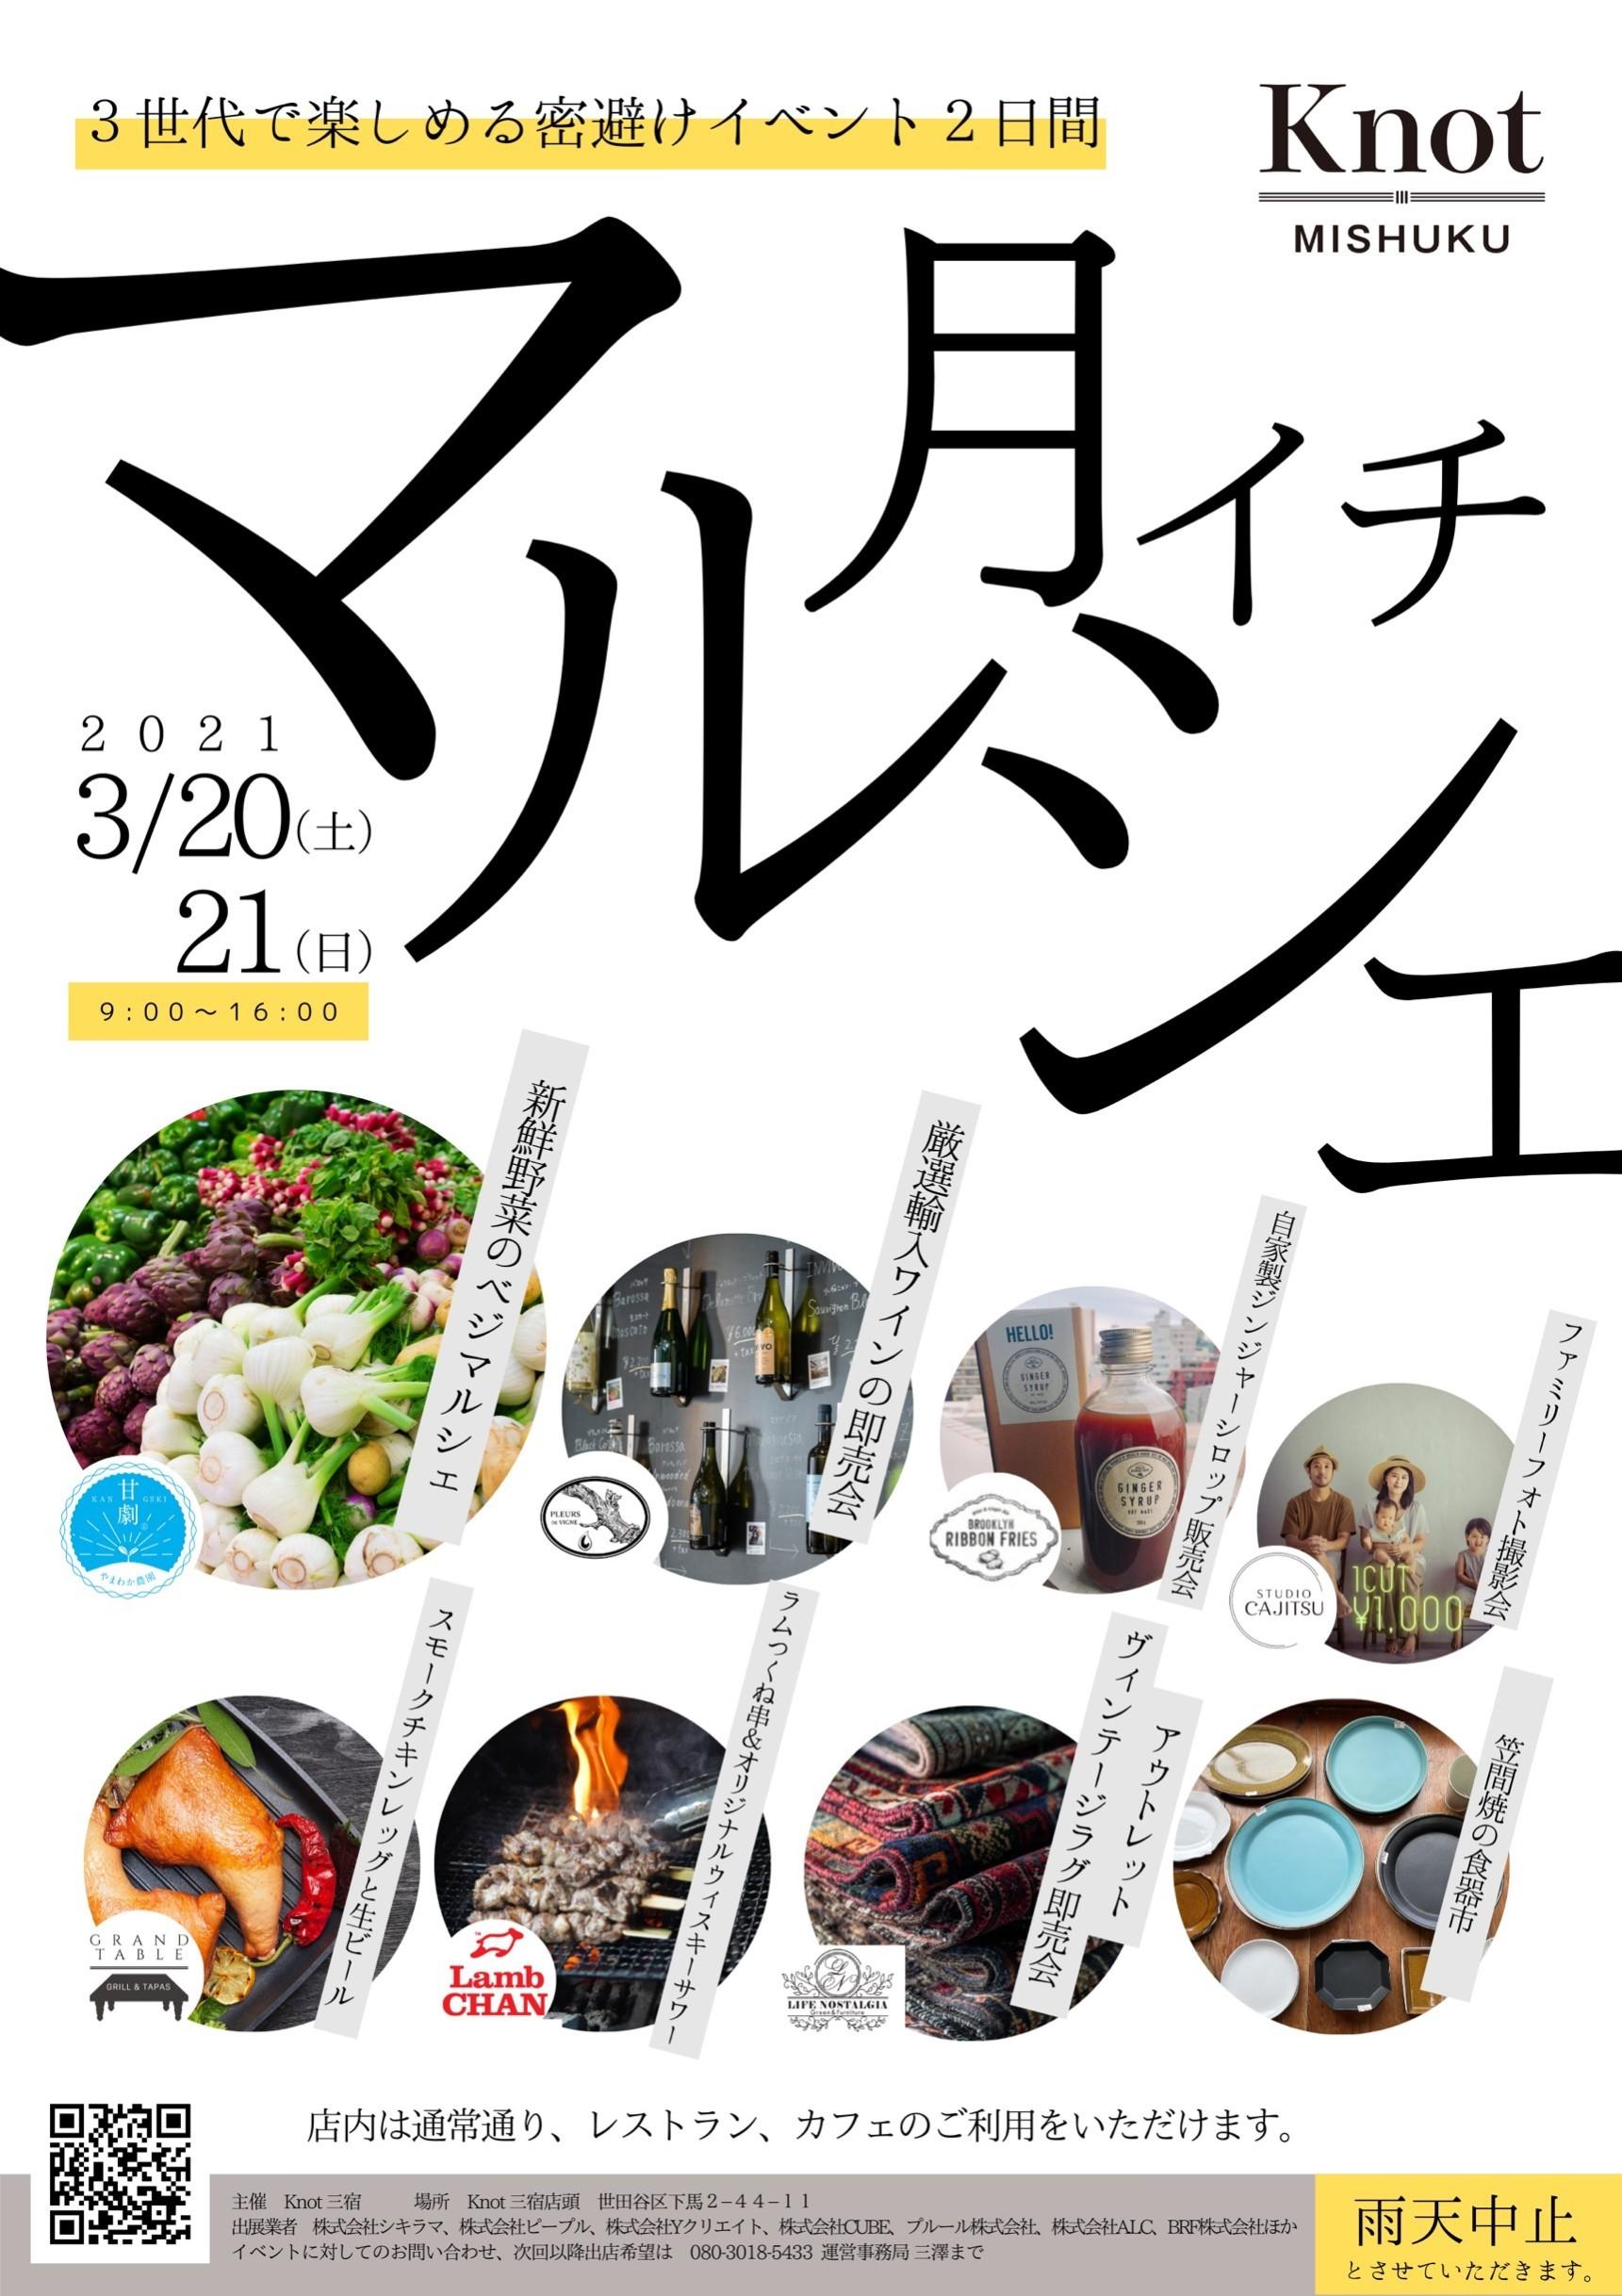 【対面販売のご案内】東京都世田谷区下馬にある「Knot三宿」でマルシェ販売を行います